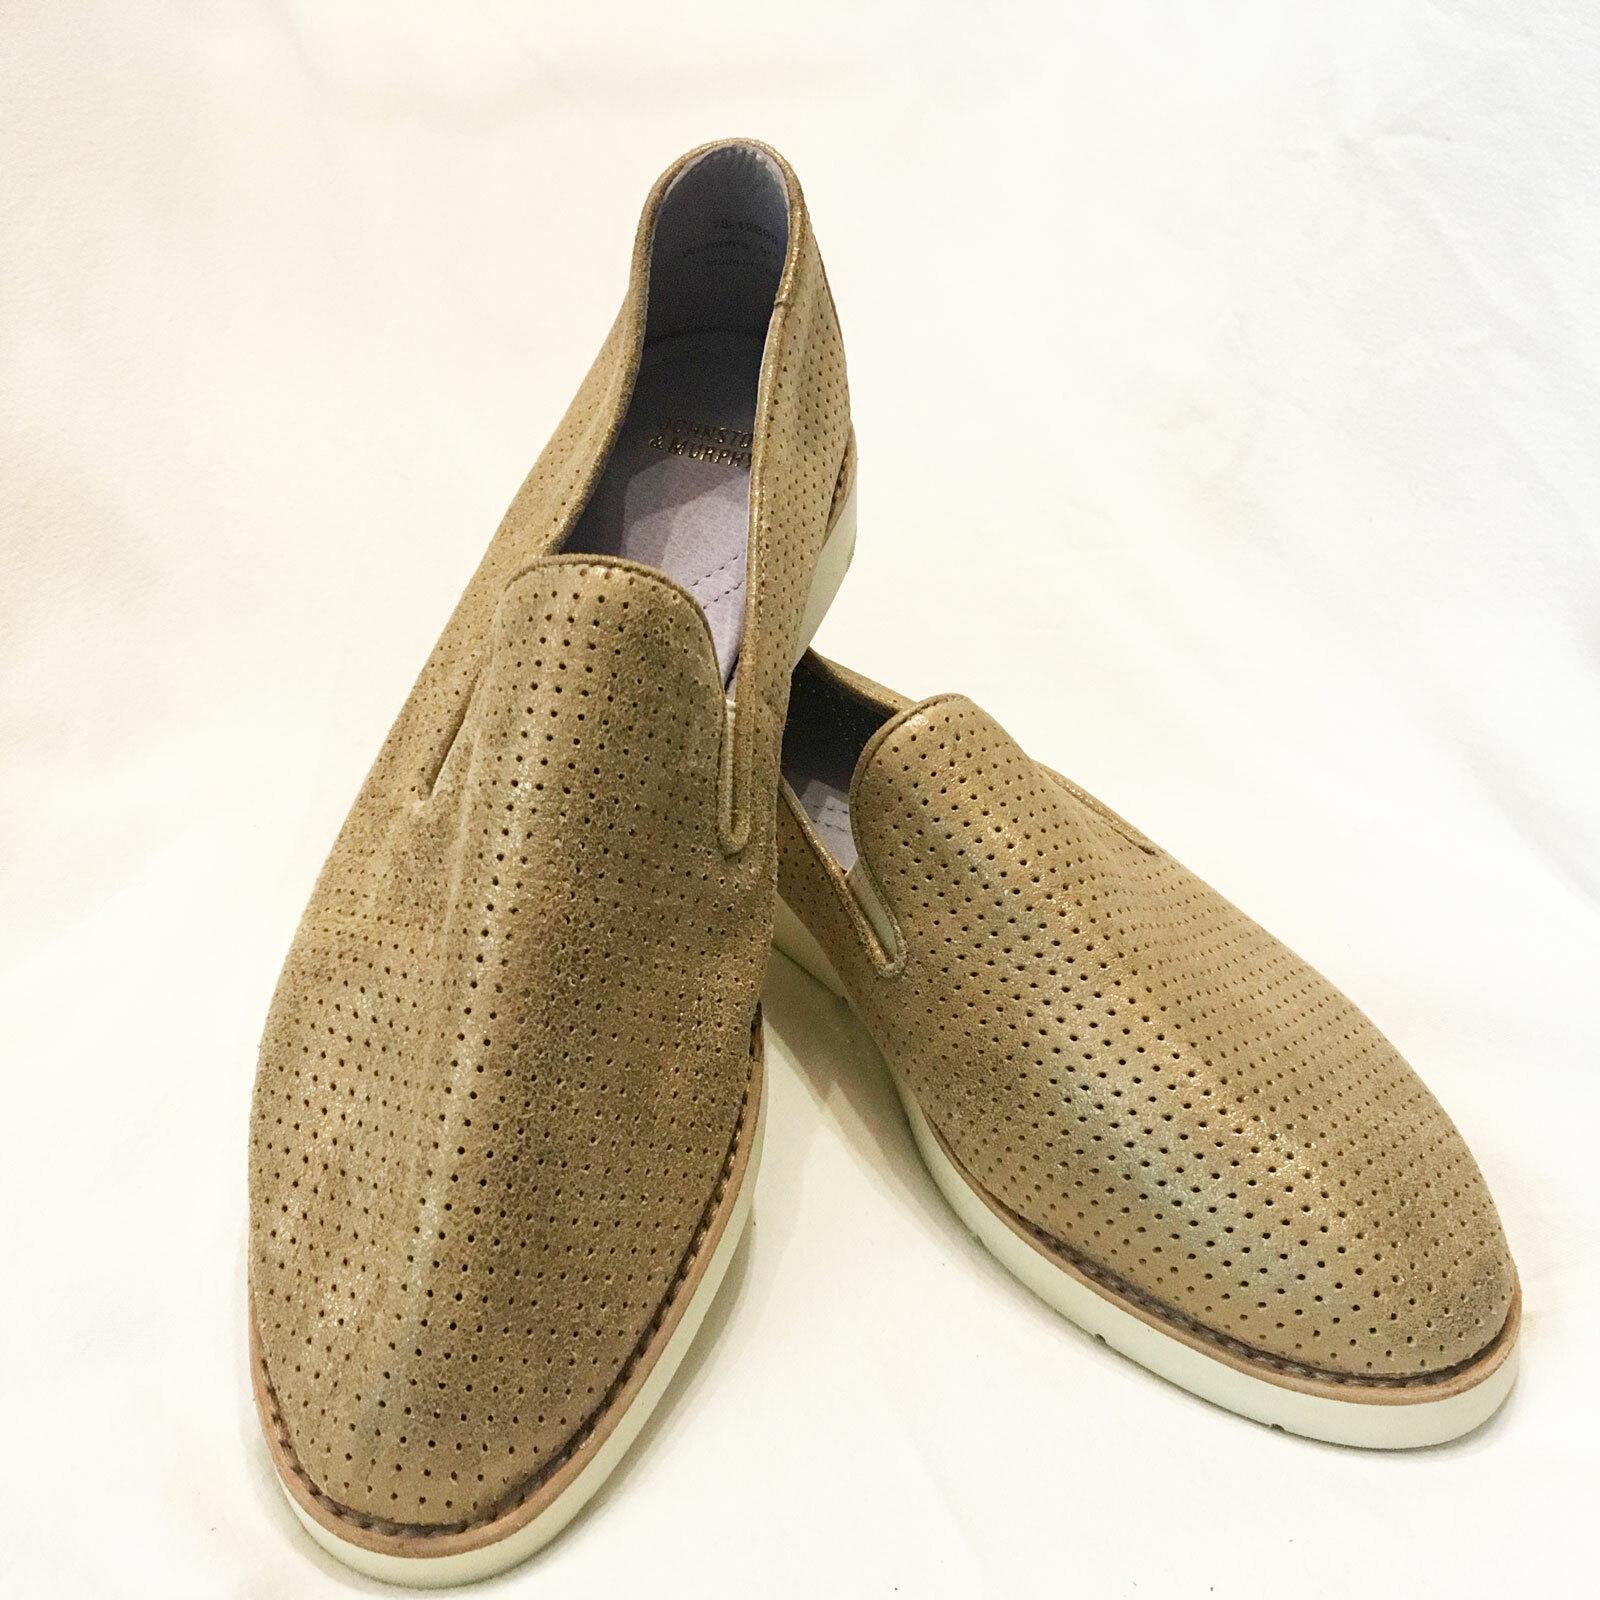 Johnston & Murphy   'Paulette' gold Slip on Sneaker – Size 9